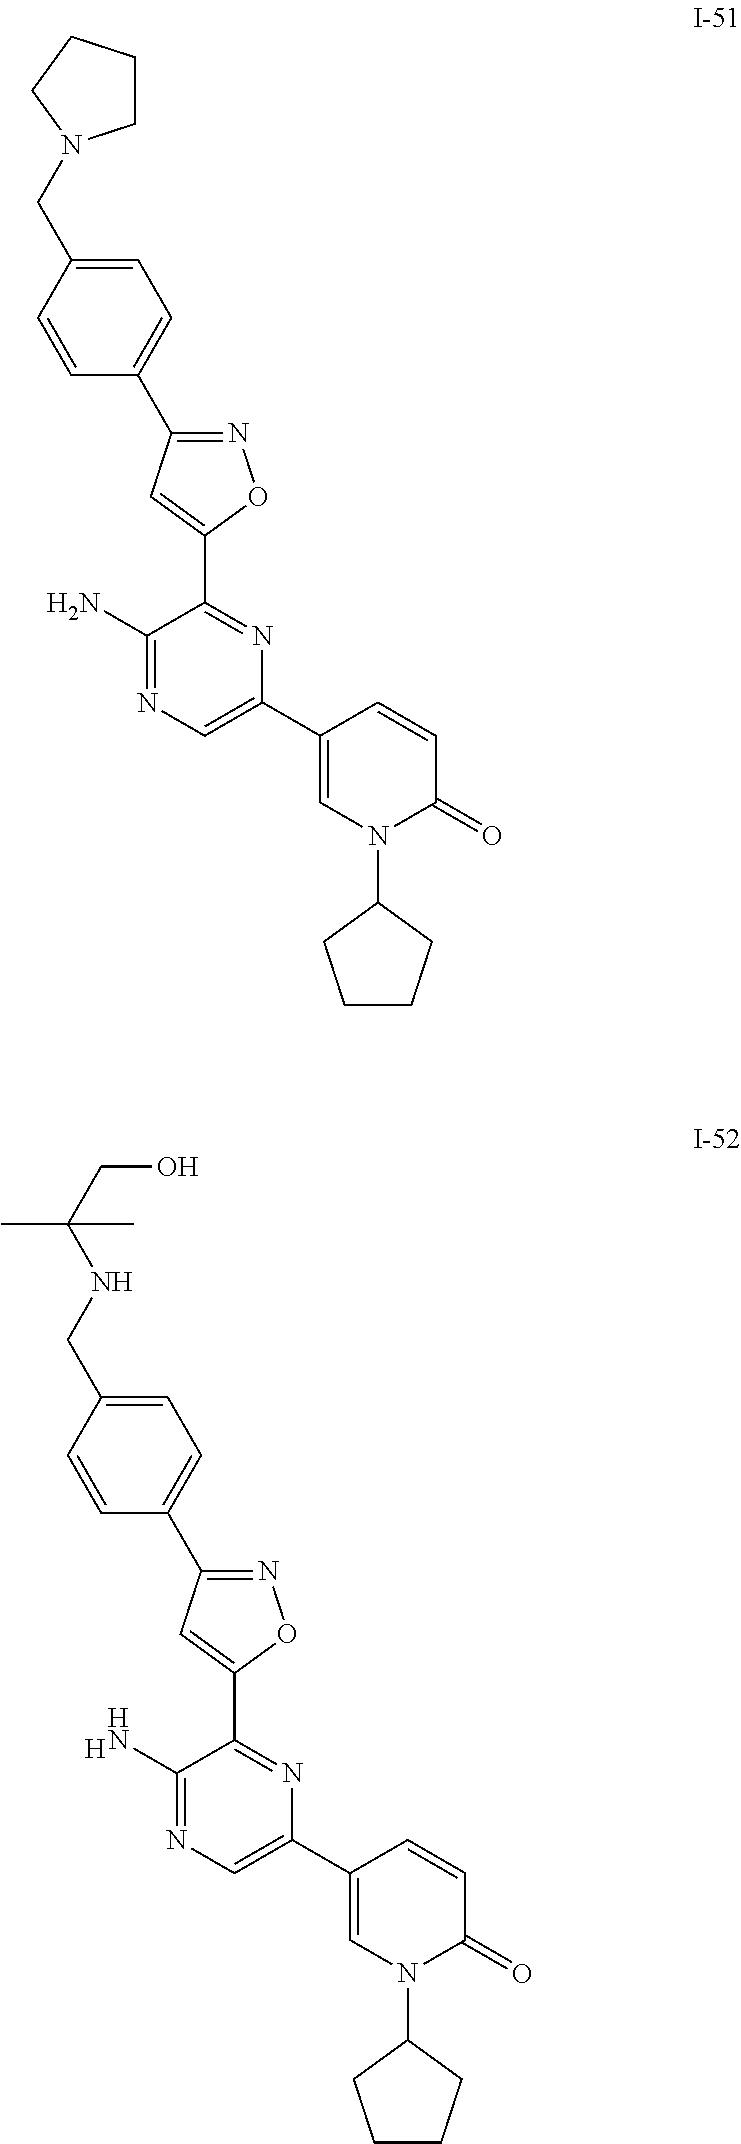 Figure US09630956-20170425-C00234